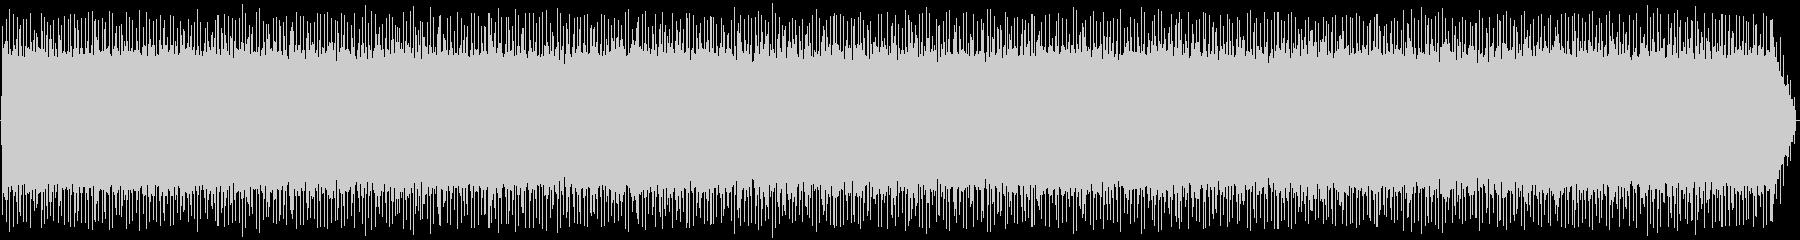 車内(車)環境音の未再生の波形